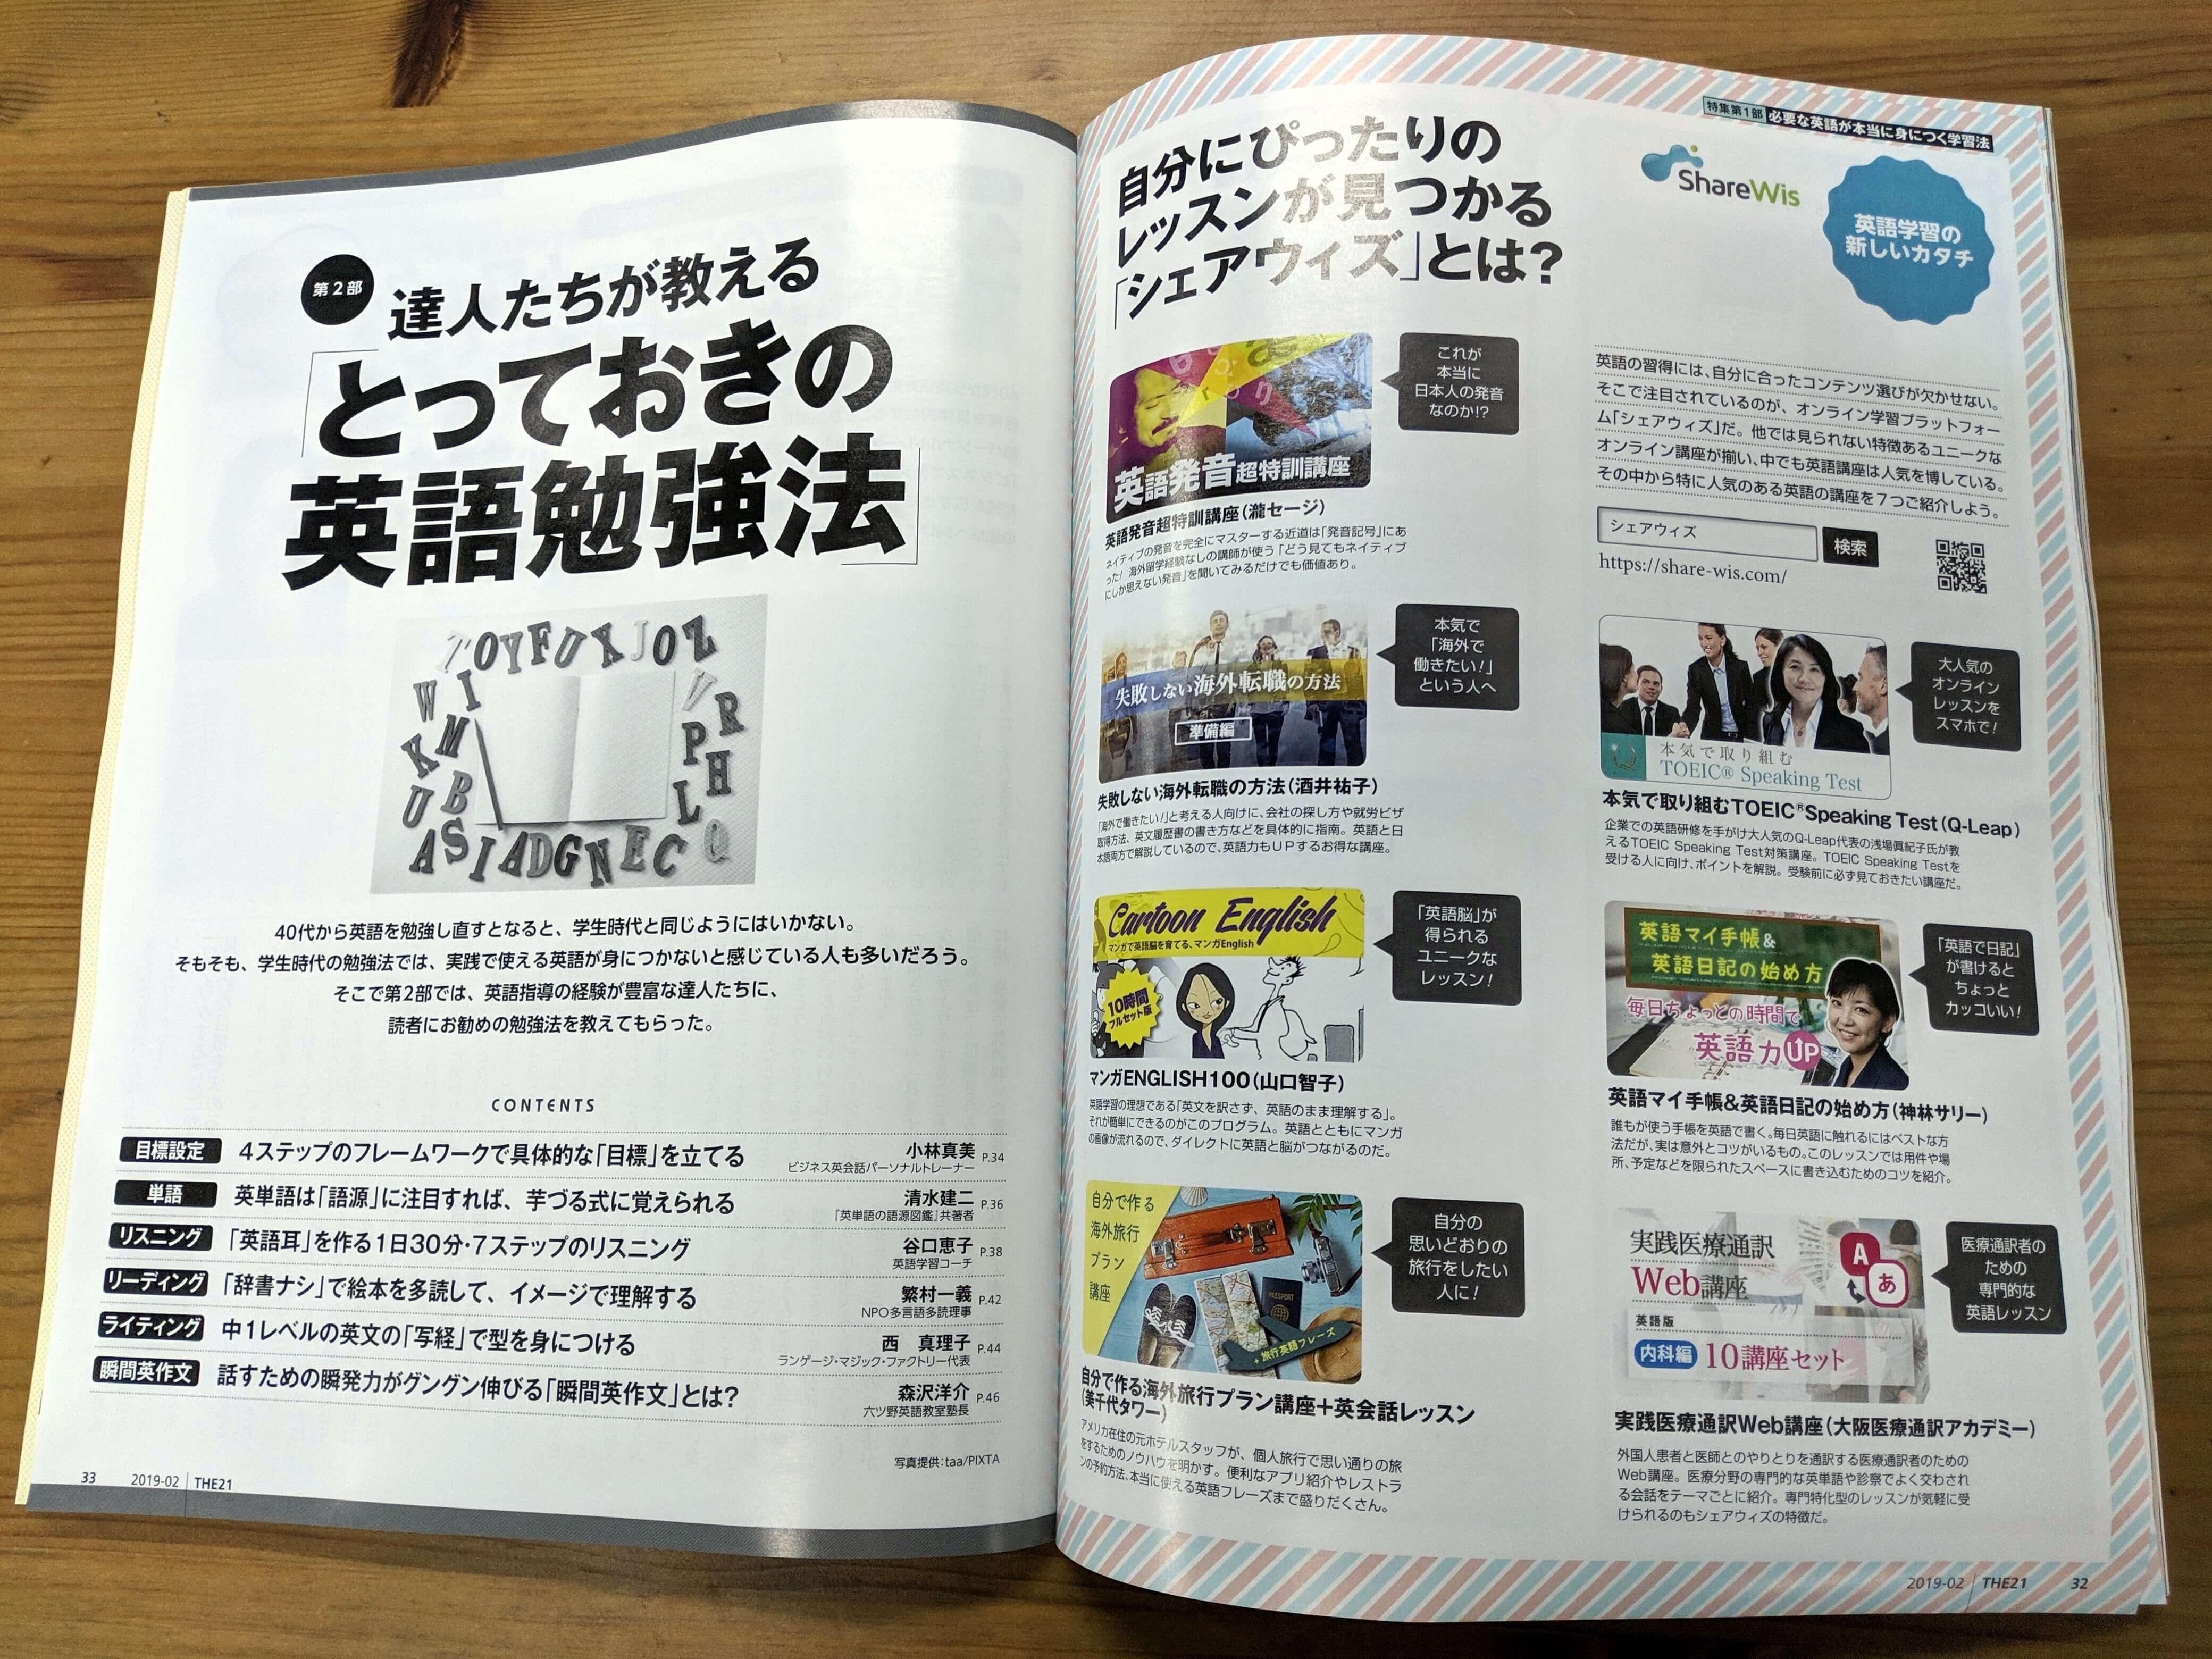 ShareWisの英語コースが紹介されている雑誌THE 21(株式会社PHP研究所)の掲載ページの見開きの画像